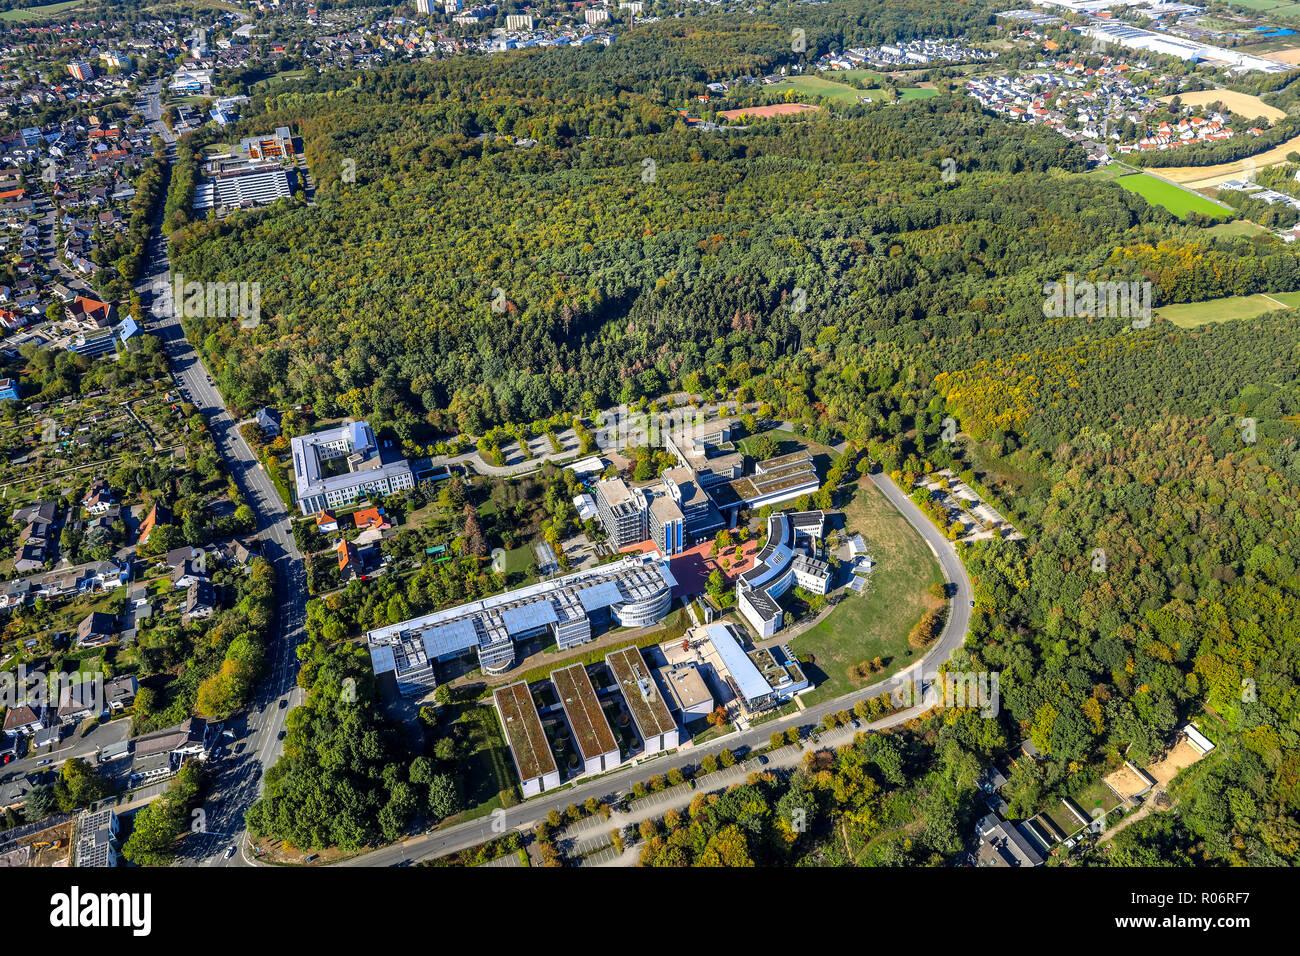 Luftbild, FernUniversität in Hagen-Zentrums für Medien und IT, Universitätsbibliothek, Fakultät für Kultur- und Sozialwissenschaften, Mensa, Universi Stockbild